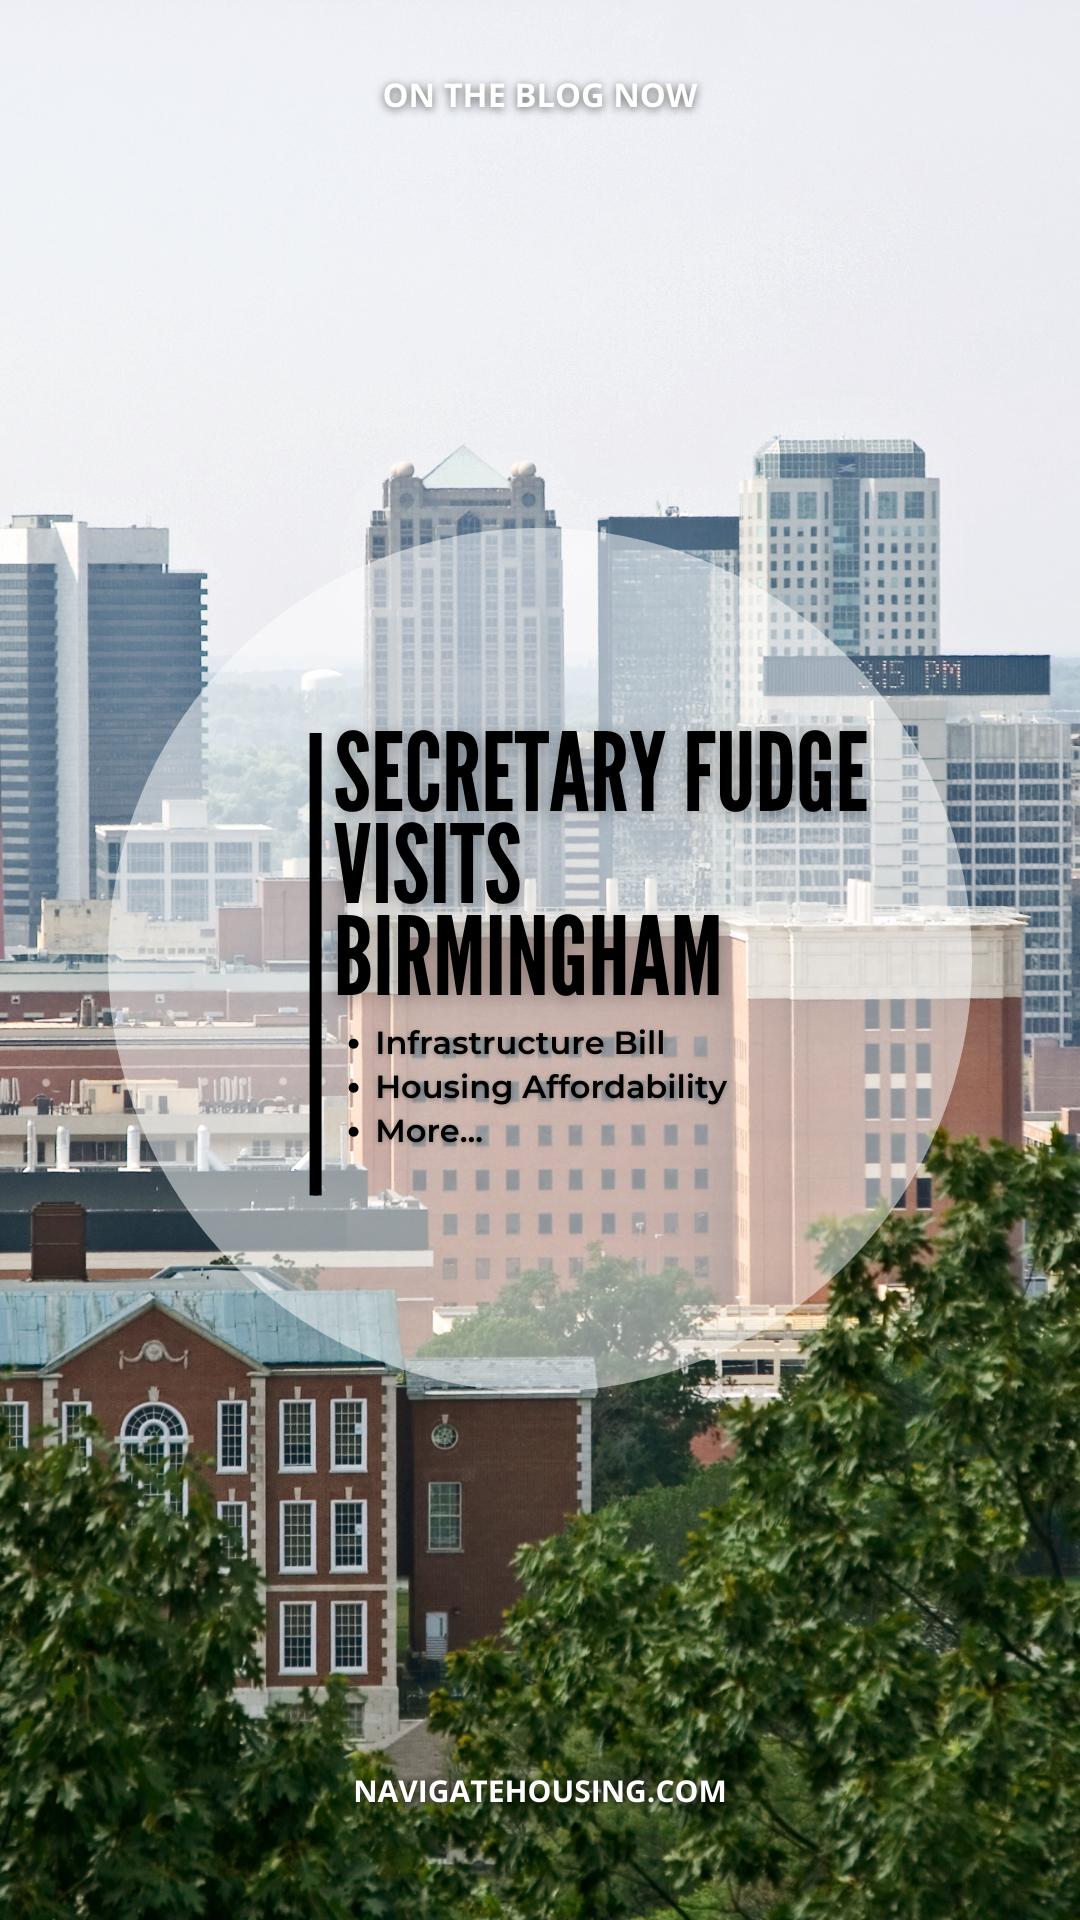 Secretary Fudge Visits Birmingham